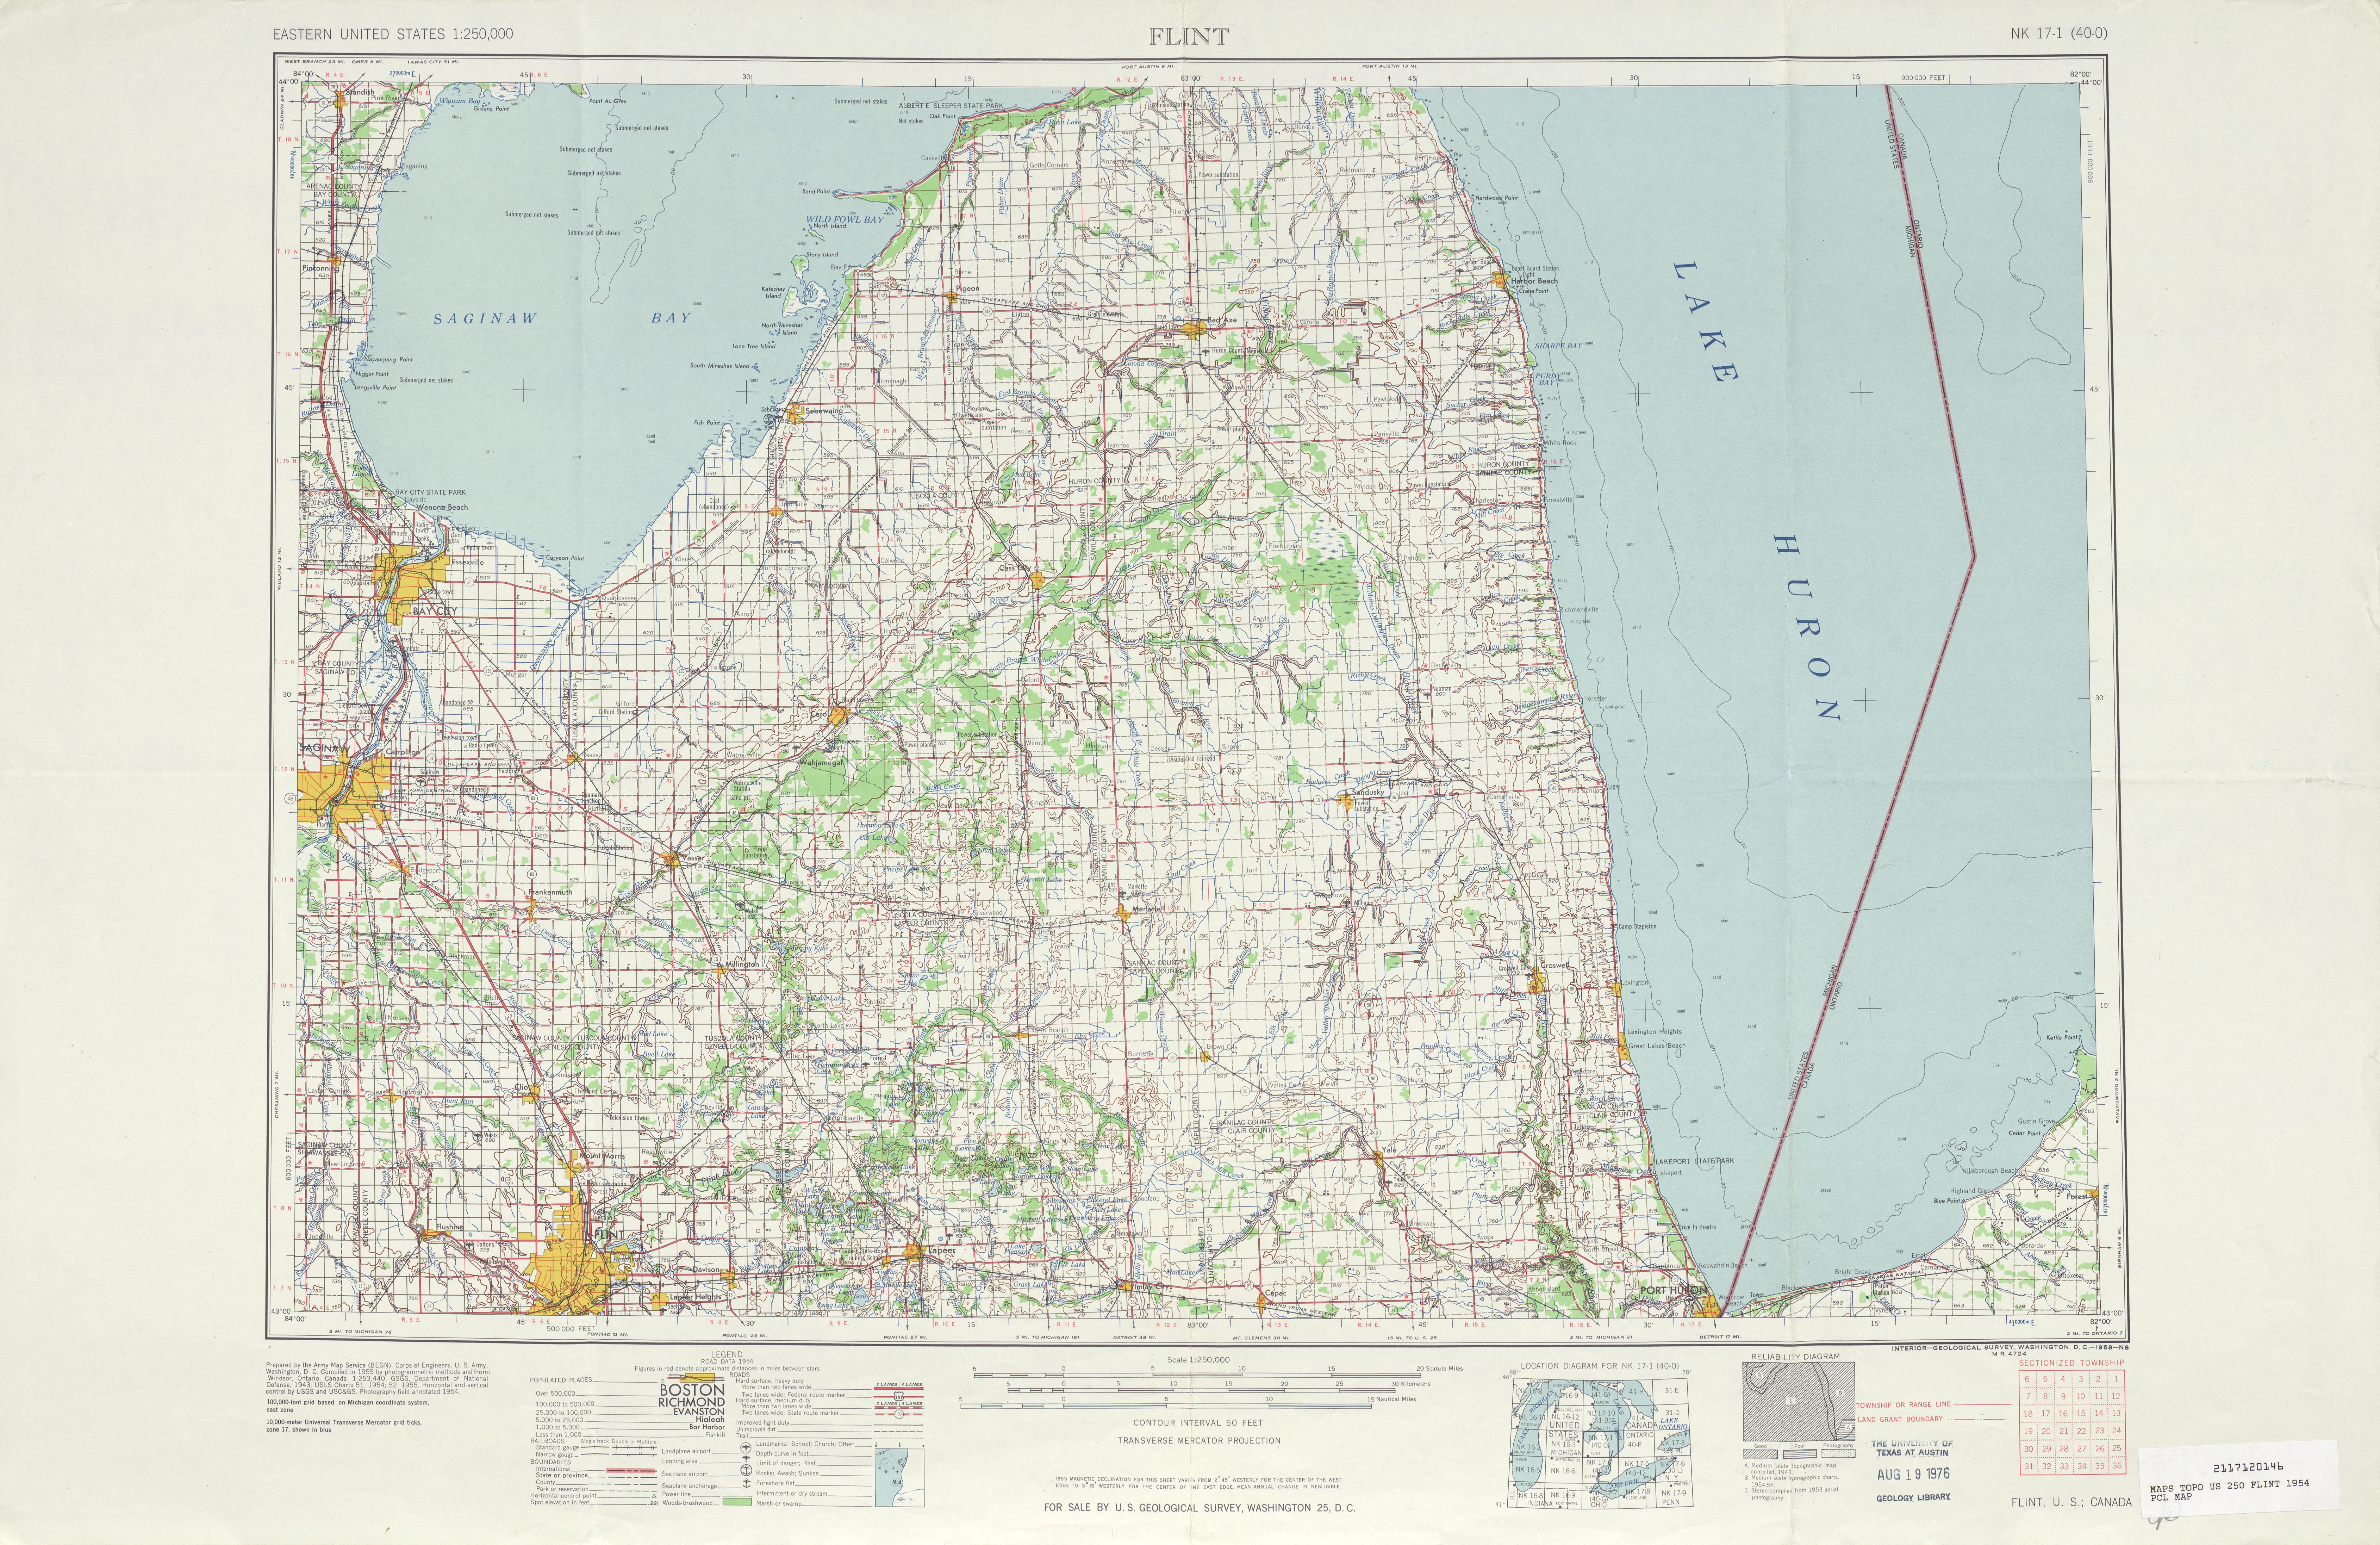 Hoja Flint del Mapa Topográfico de los Estados Unidos 1954